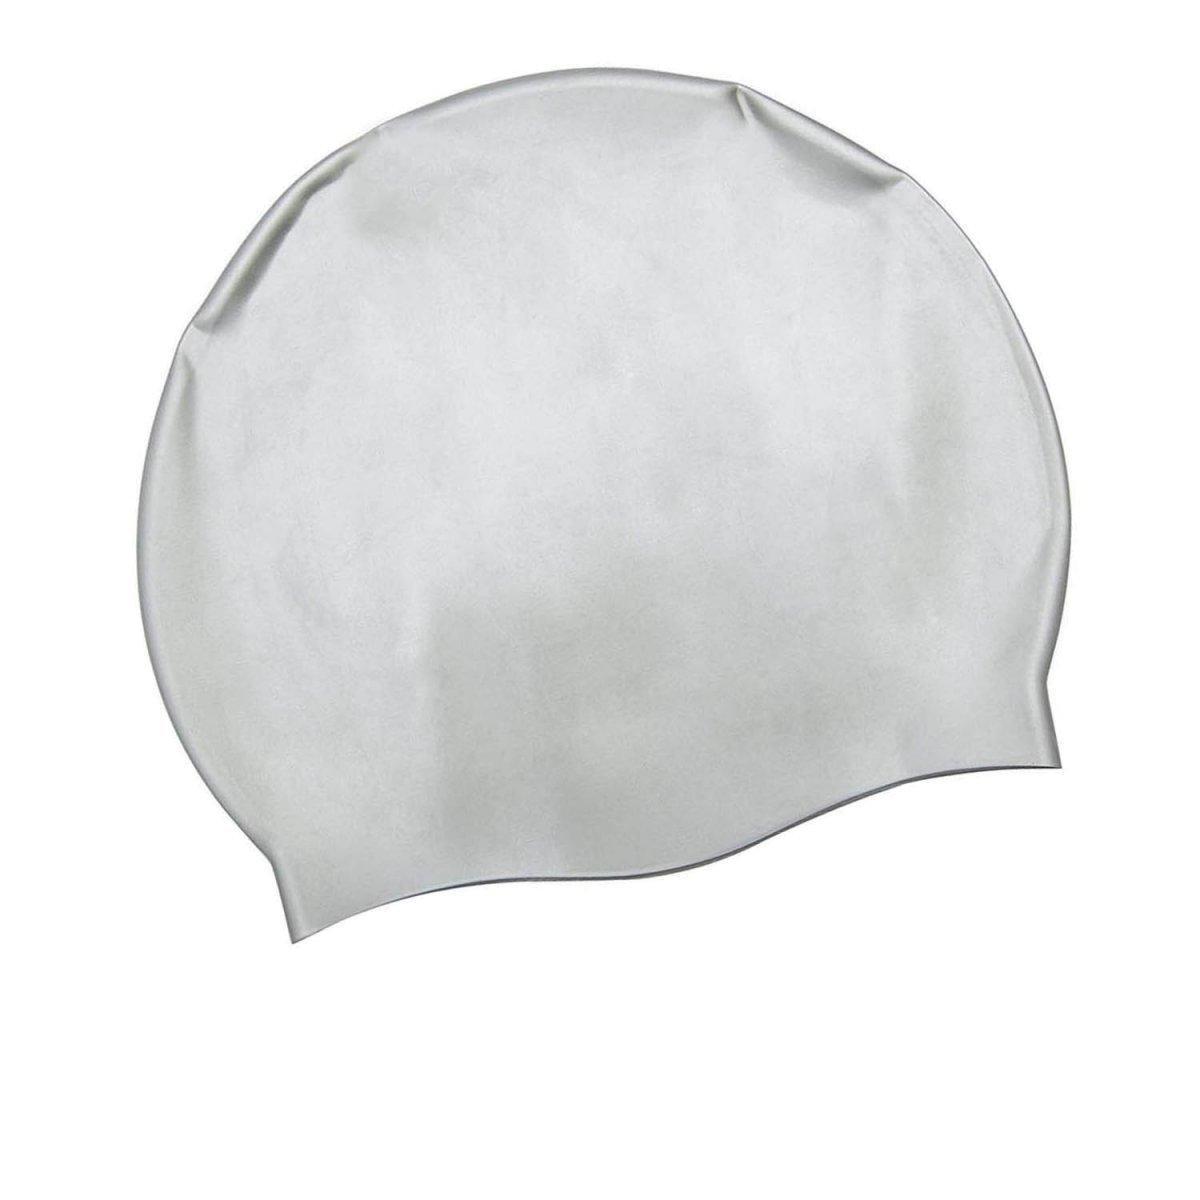 Шапочка для плавания Bestway 26006, универсальная, обхват головы ≈ 56 см, (19 х 22 см), серая